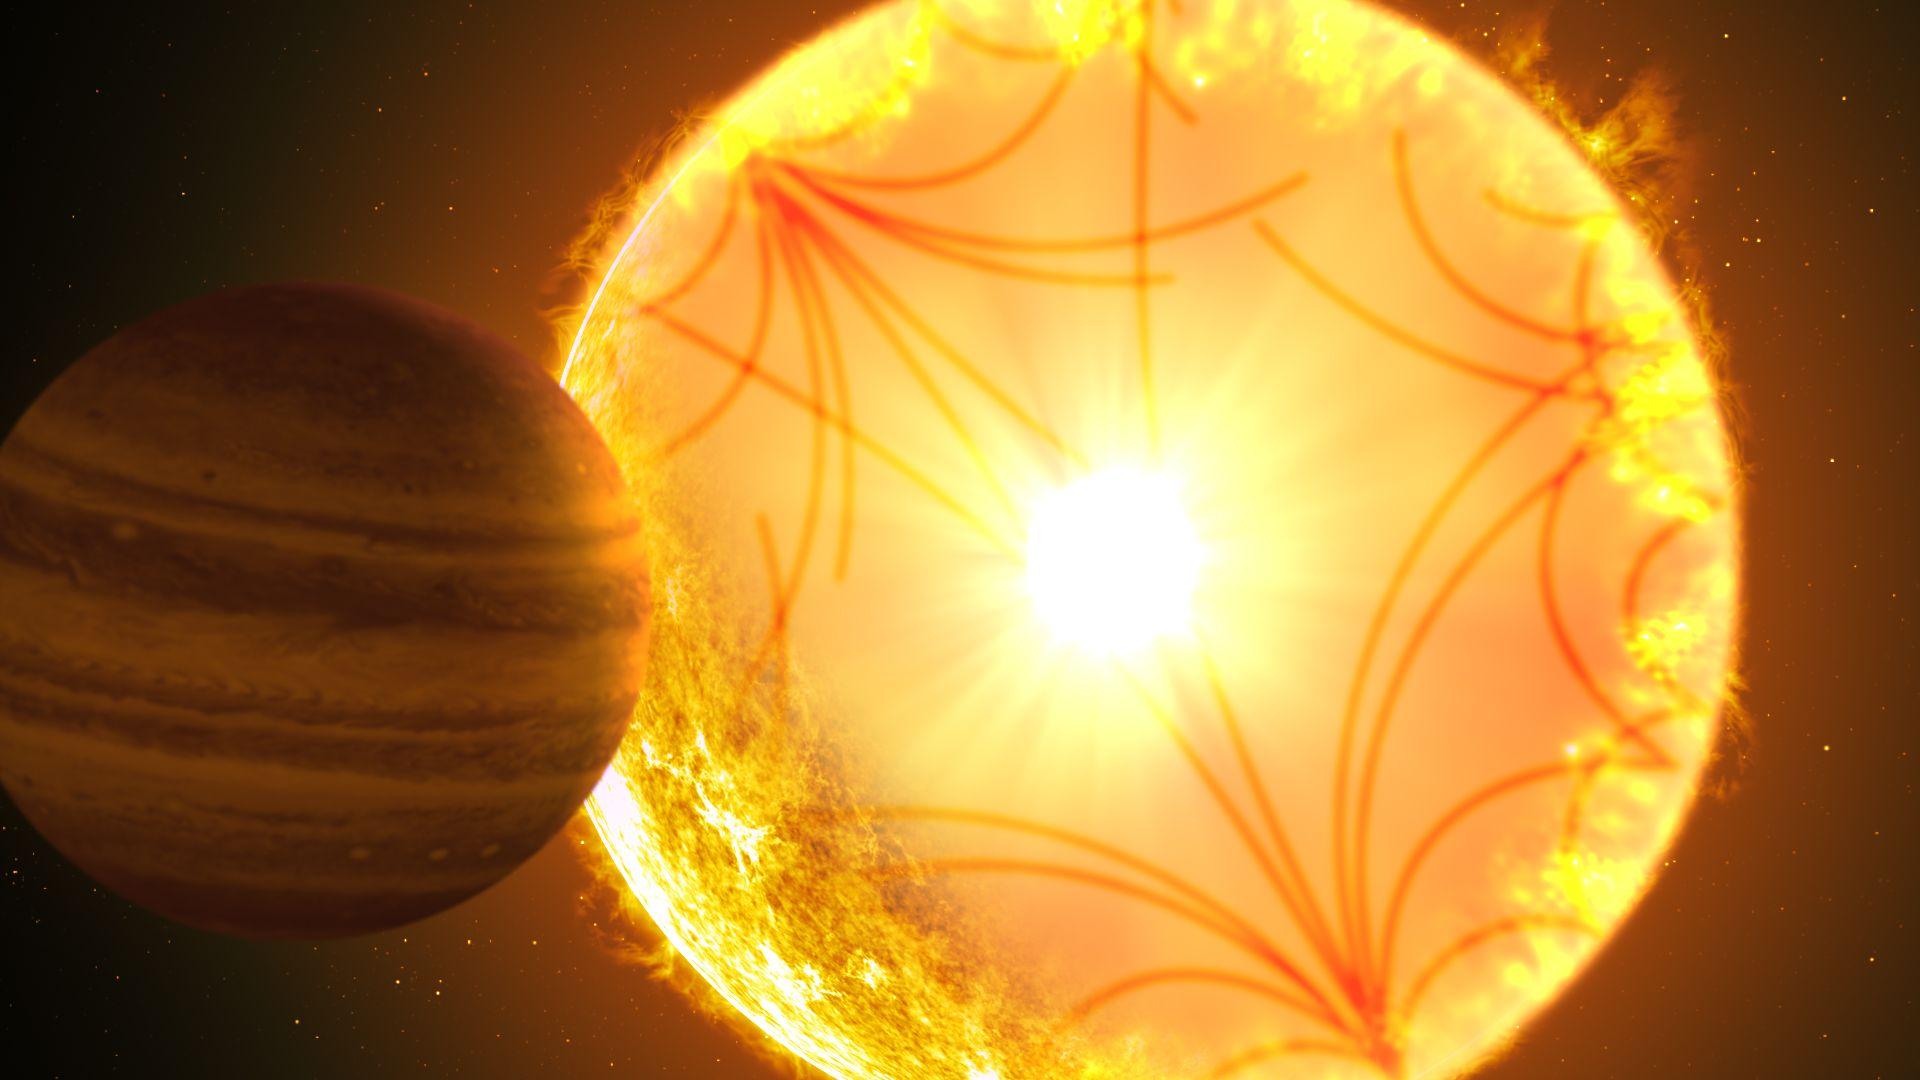 Kepler-1658b, exoplanet